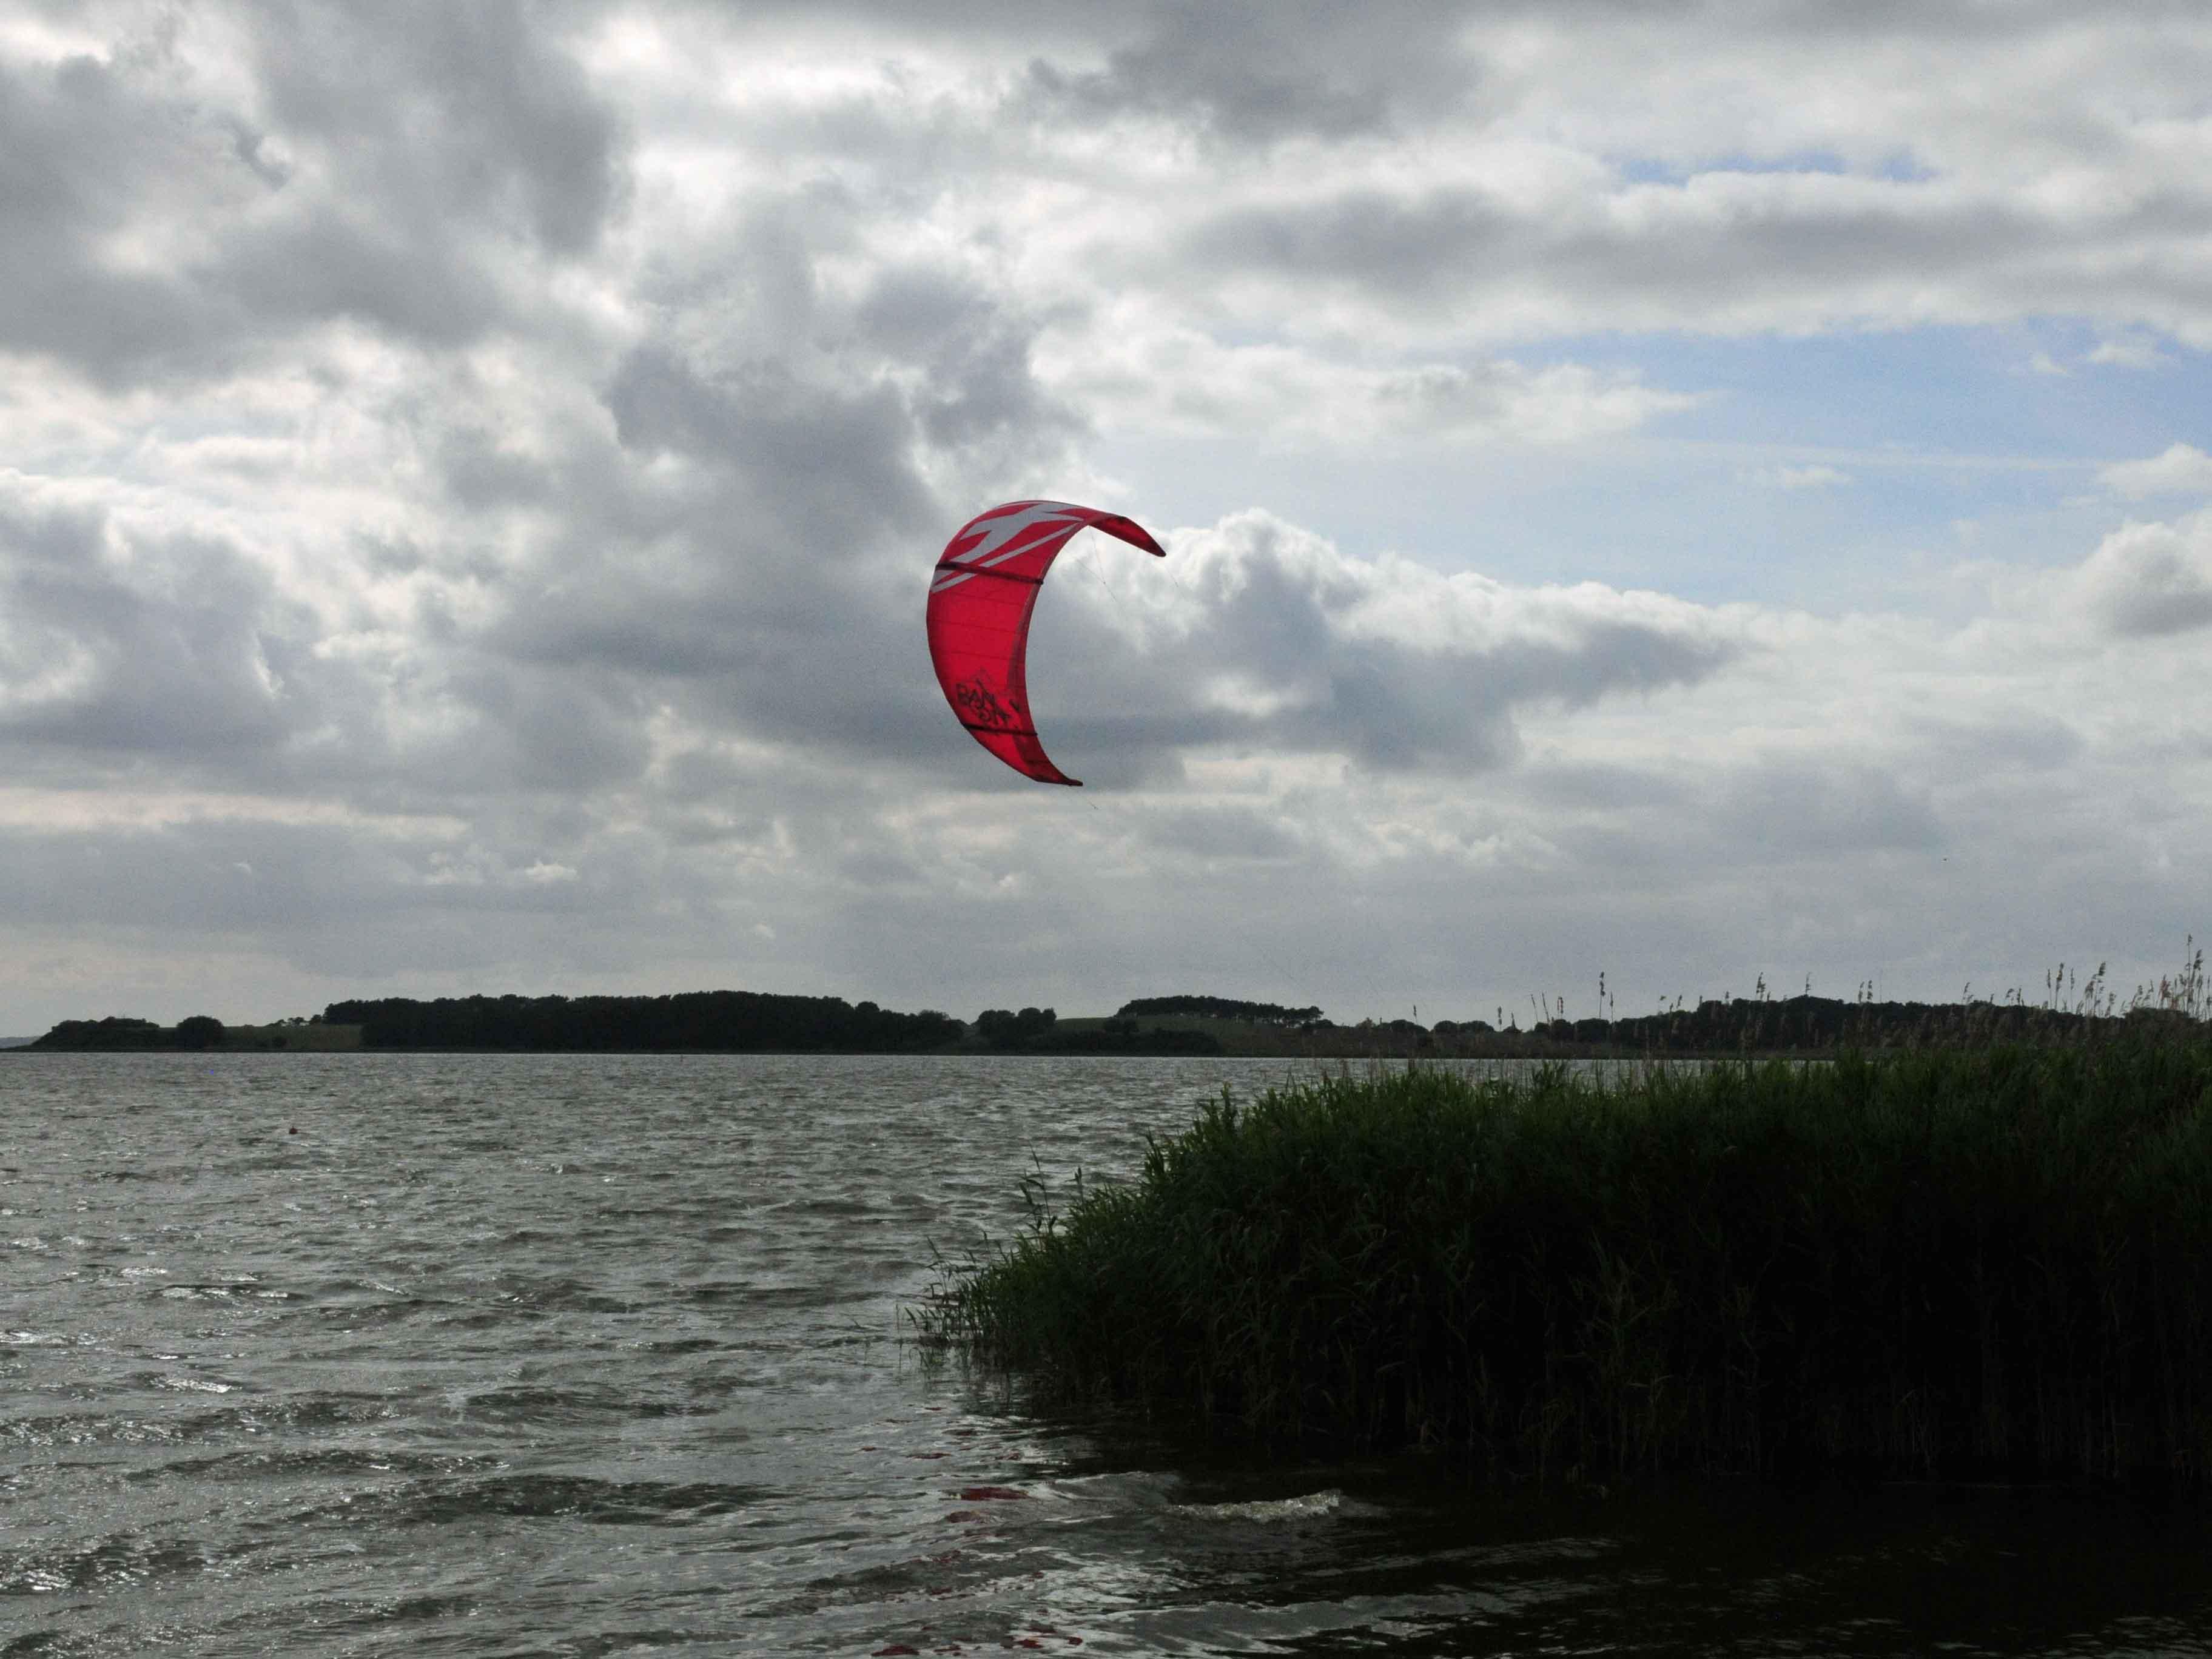 Kitesurfer vor Ückeritz, vor der Kite-, Surf-, und Segelschule Windpsort Usedom,  Familienurlaub Usedom, Tipps Familienreise, Aktivurlaub mit der Familie, Usedom-Urlaub, Reiseblog. Reisefeder